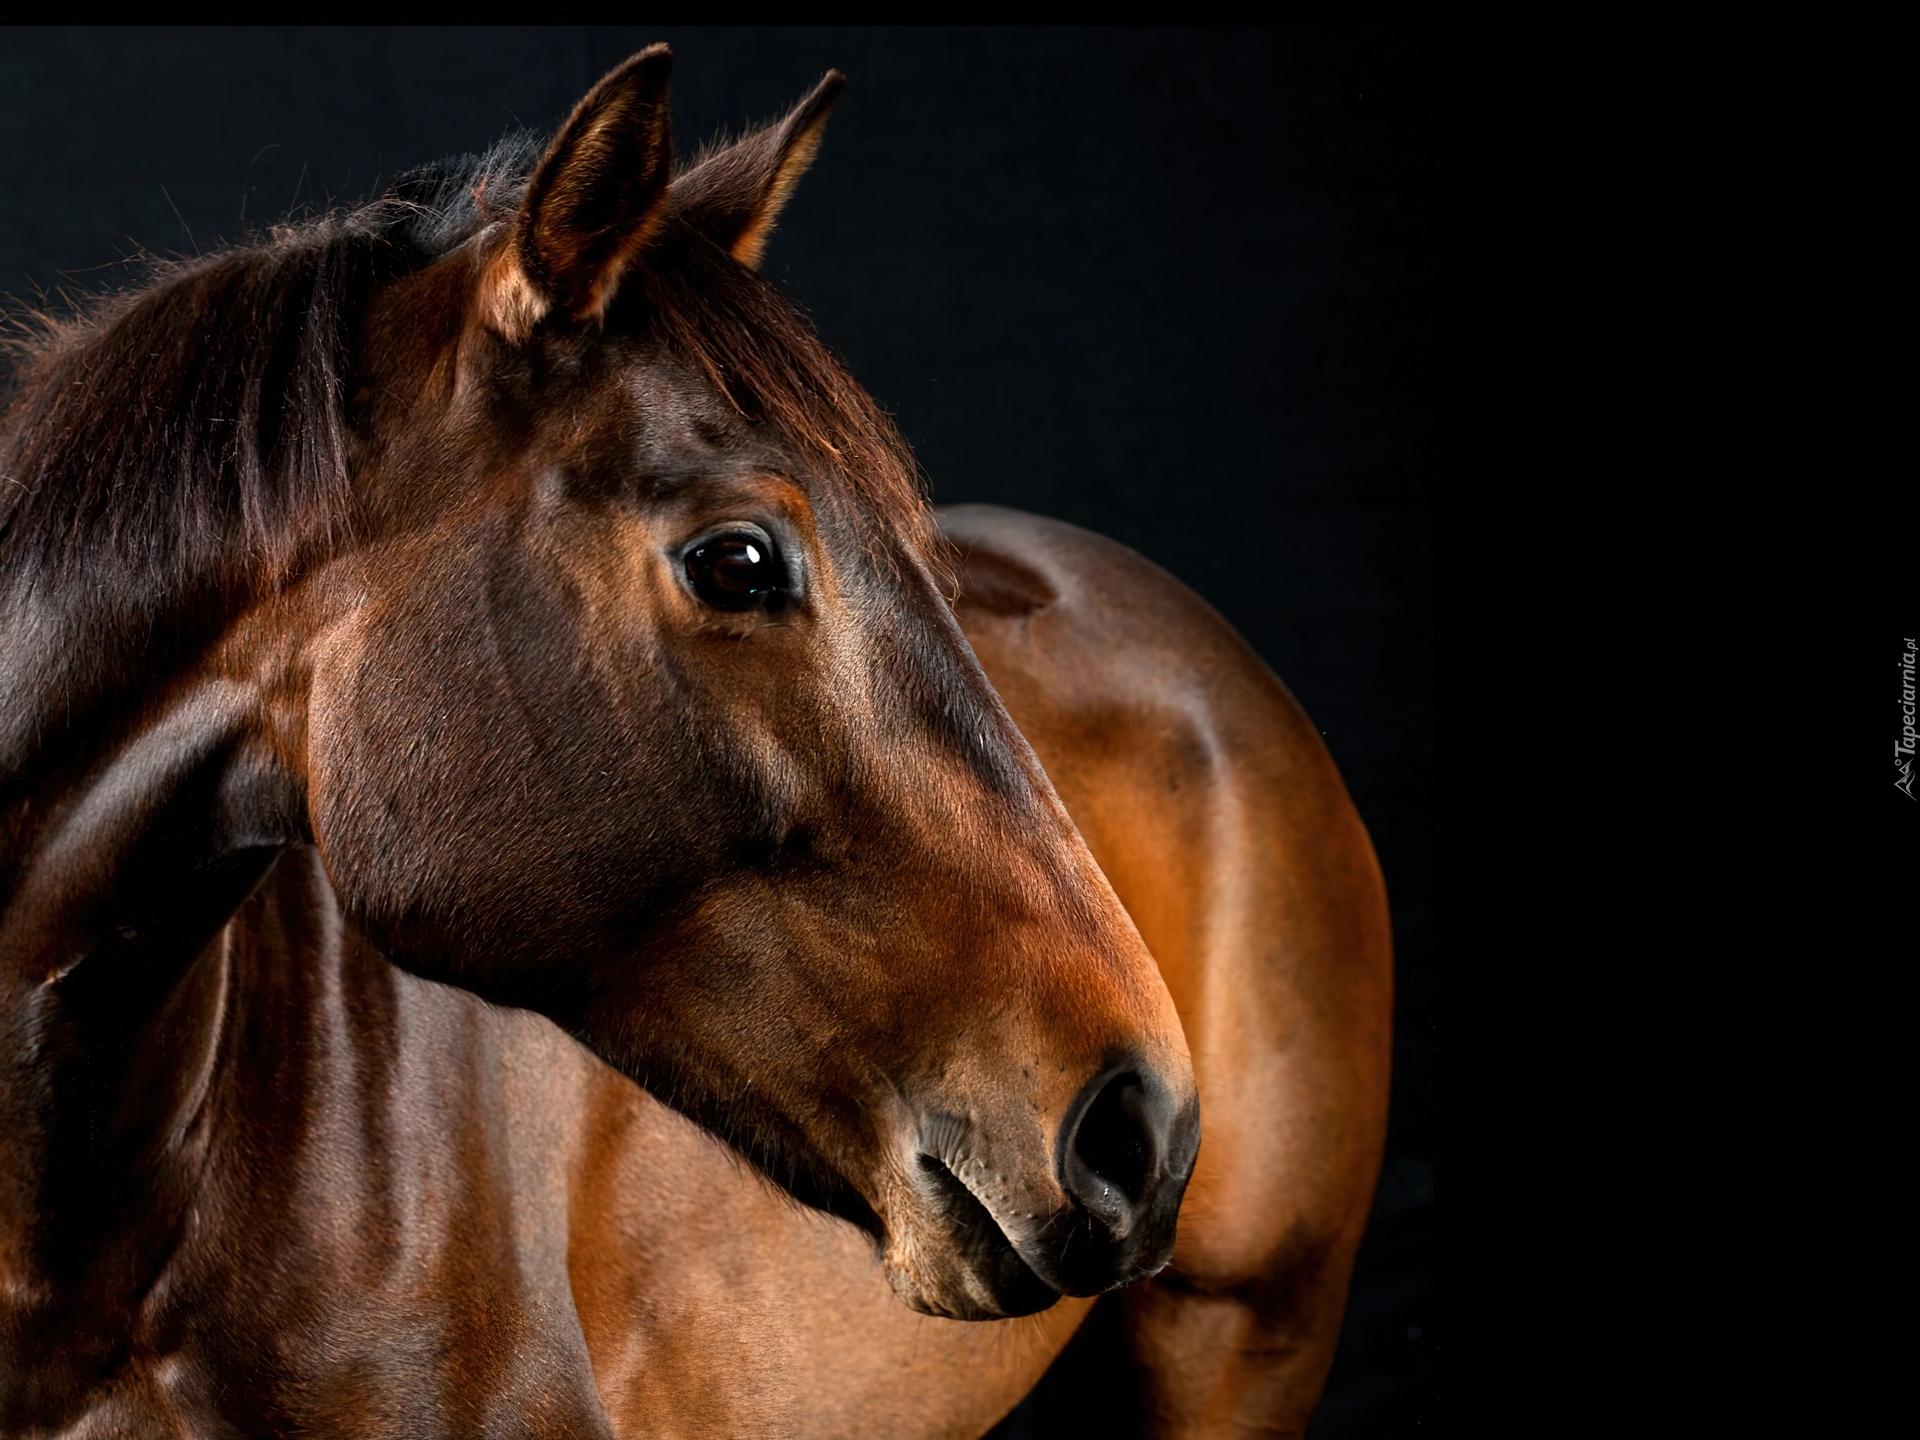 Beautiful Girl Face Hd Desktop Wallpaper Brązowy Koń